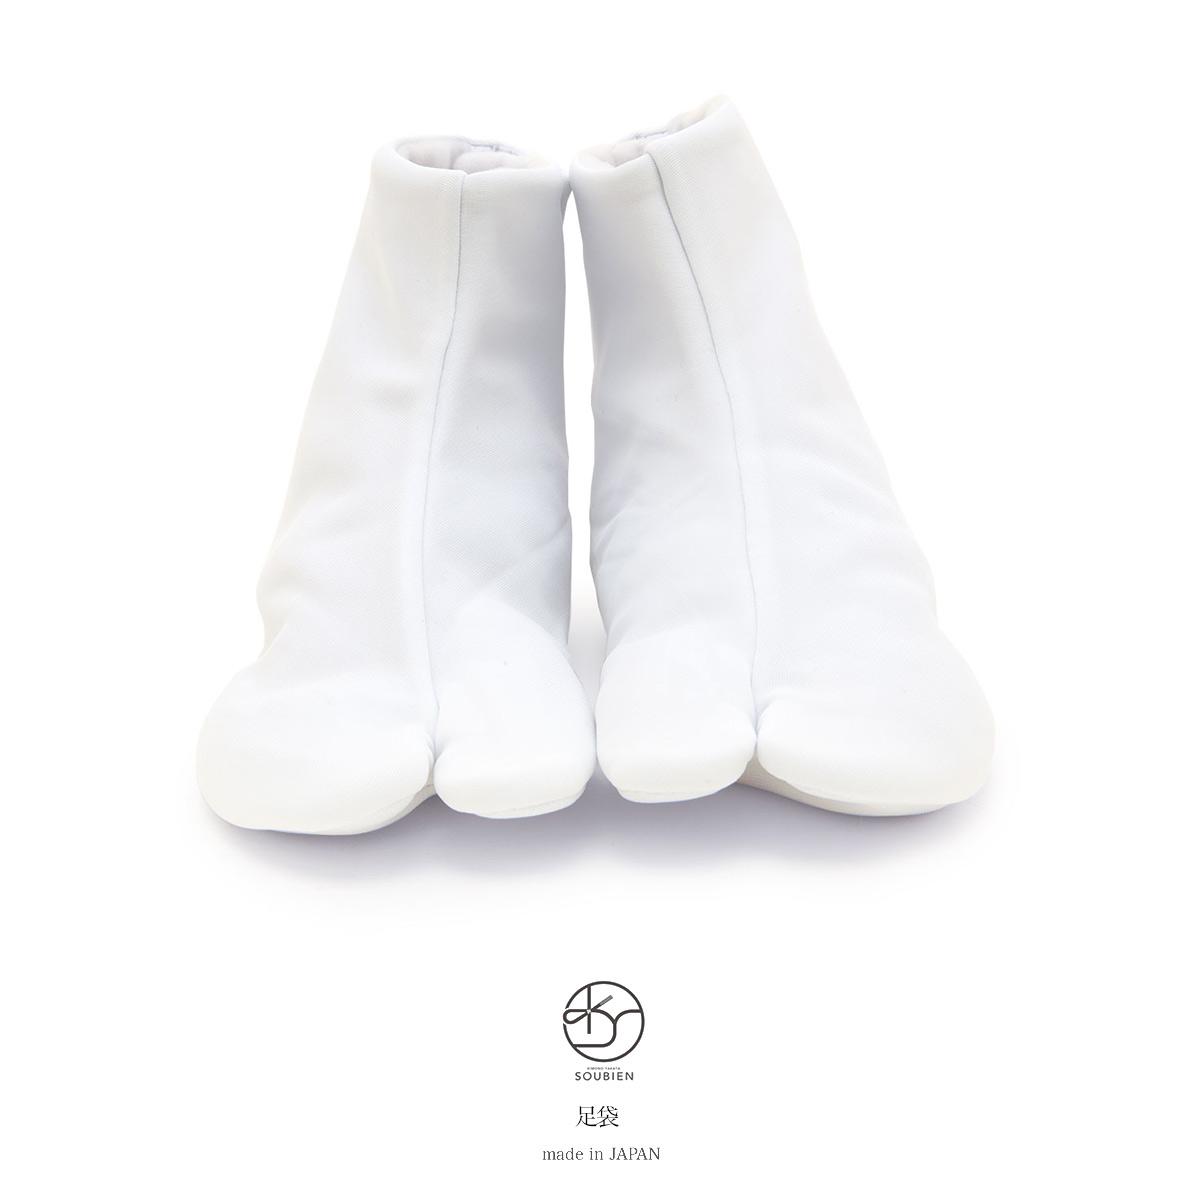 防寒におすすめな五枚こはぜの足袋